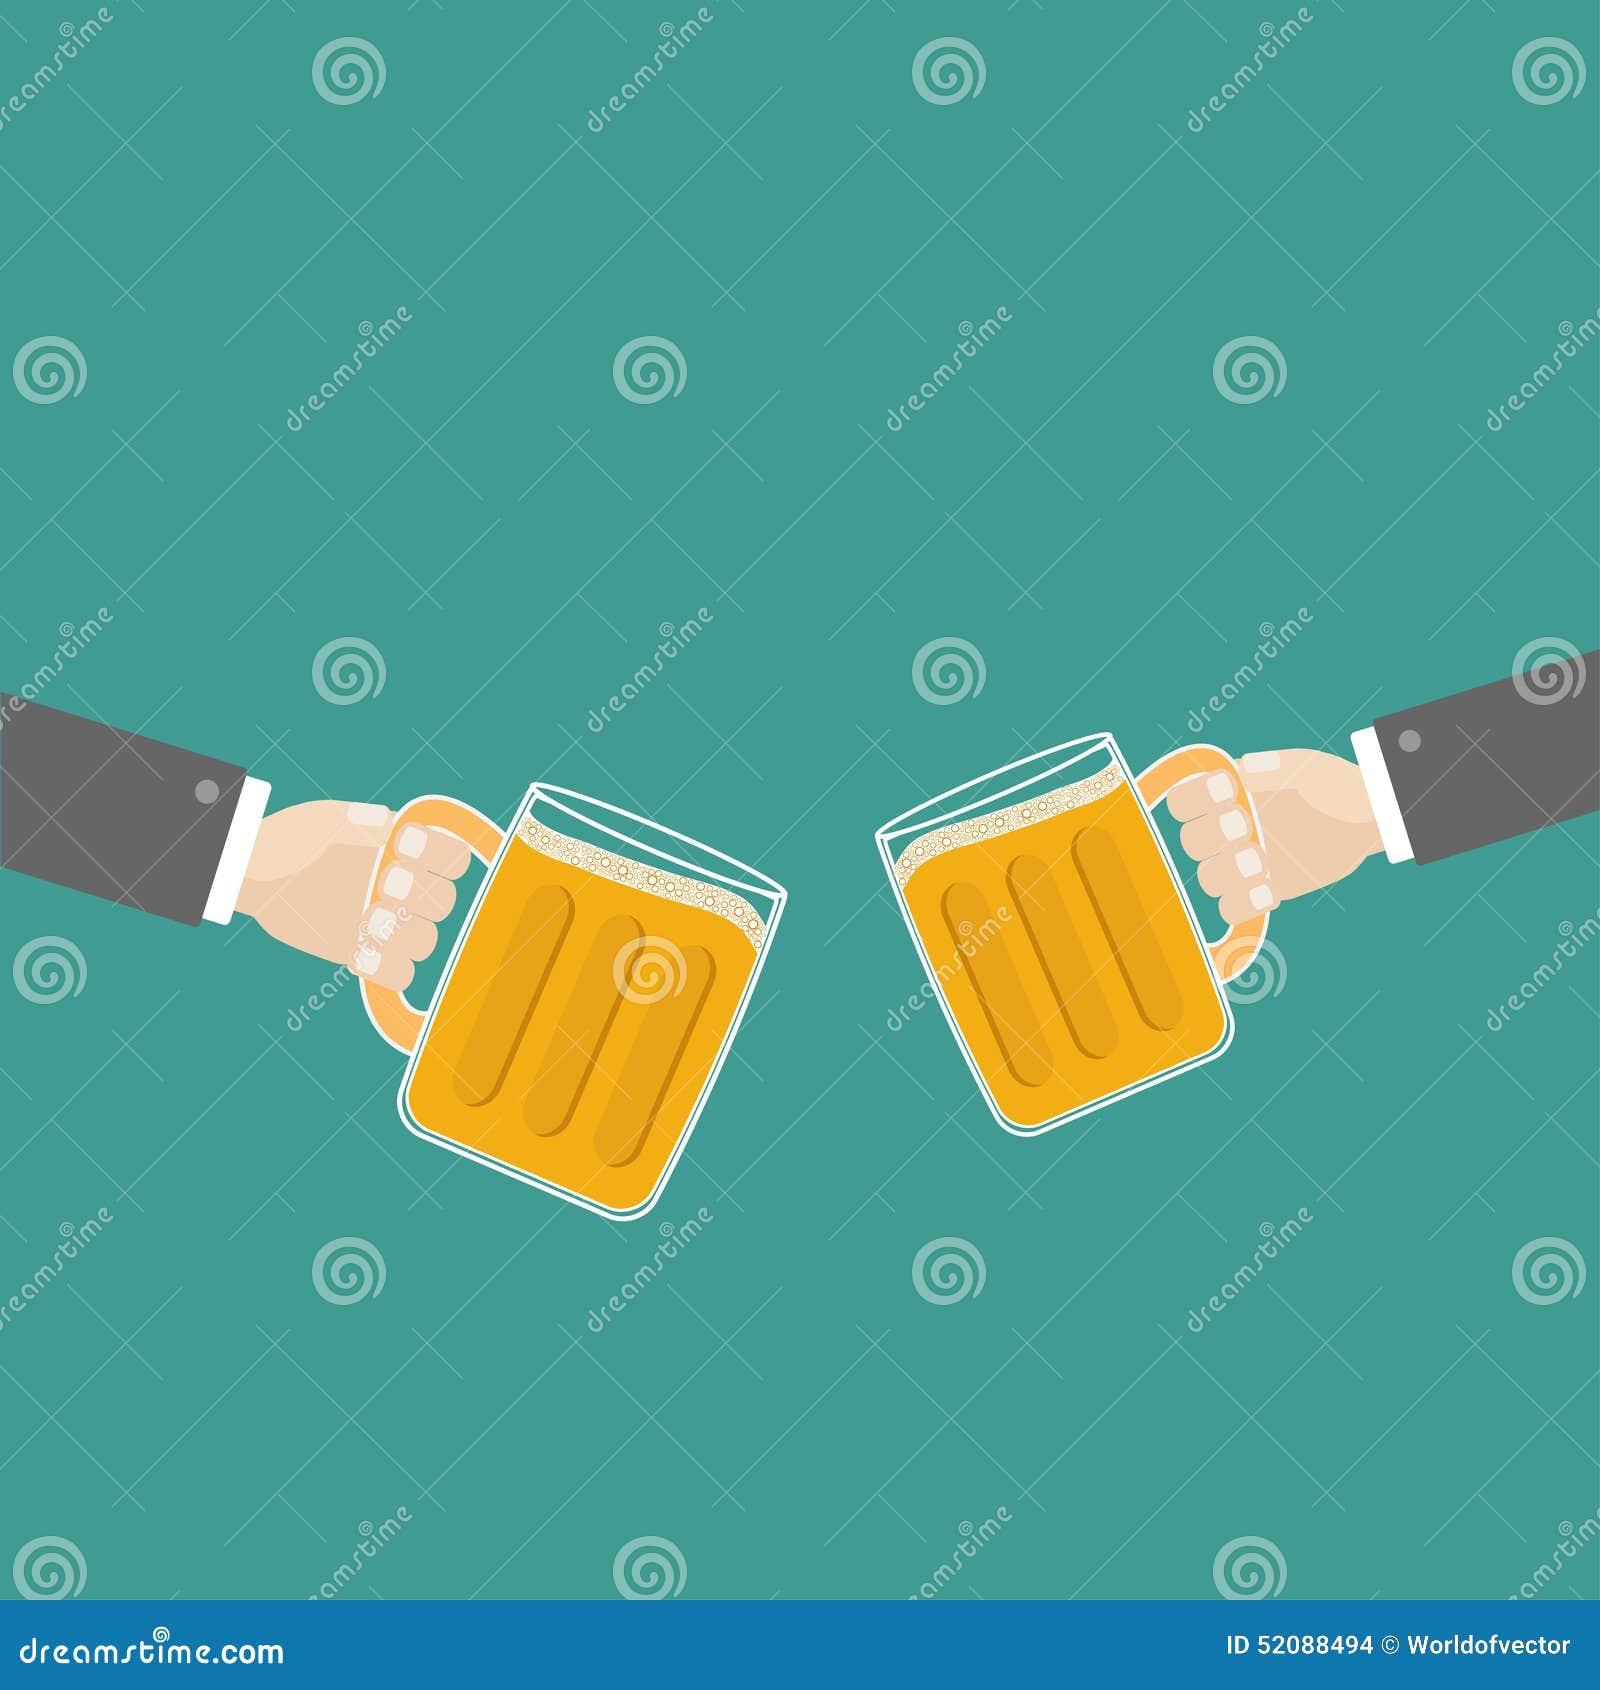 两个手和叮当声啤酒杯抢劫与泡沫盖帽泡沫泡影 平的设计